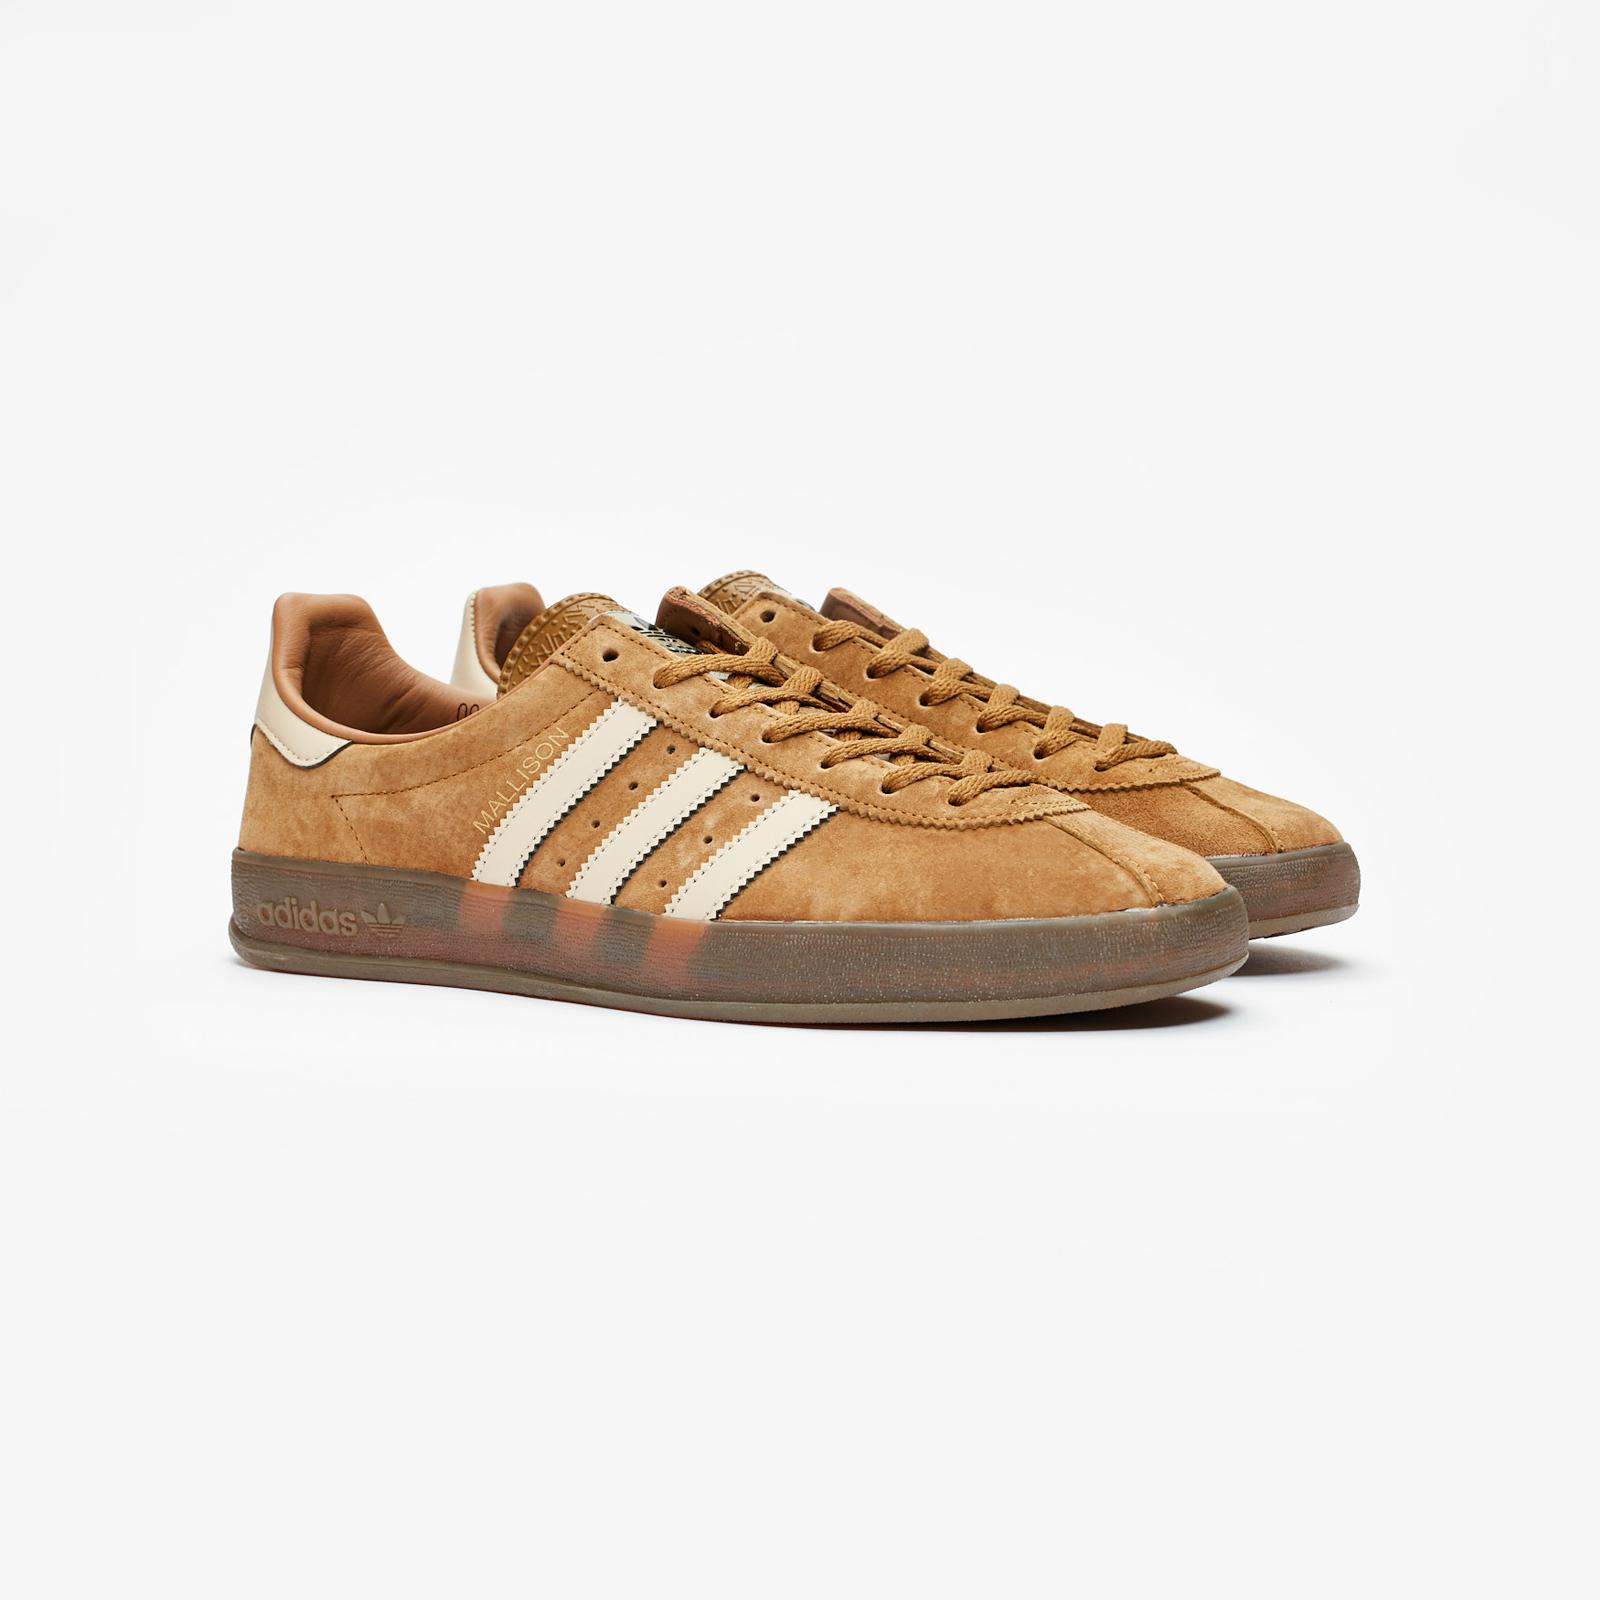 e3c9f4236e adidas Mallison - B41824 - Sneakersnstuff I Sneakers & Streetwear ...